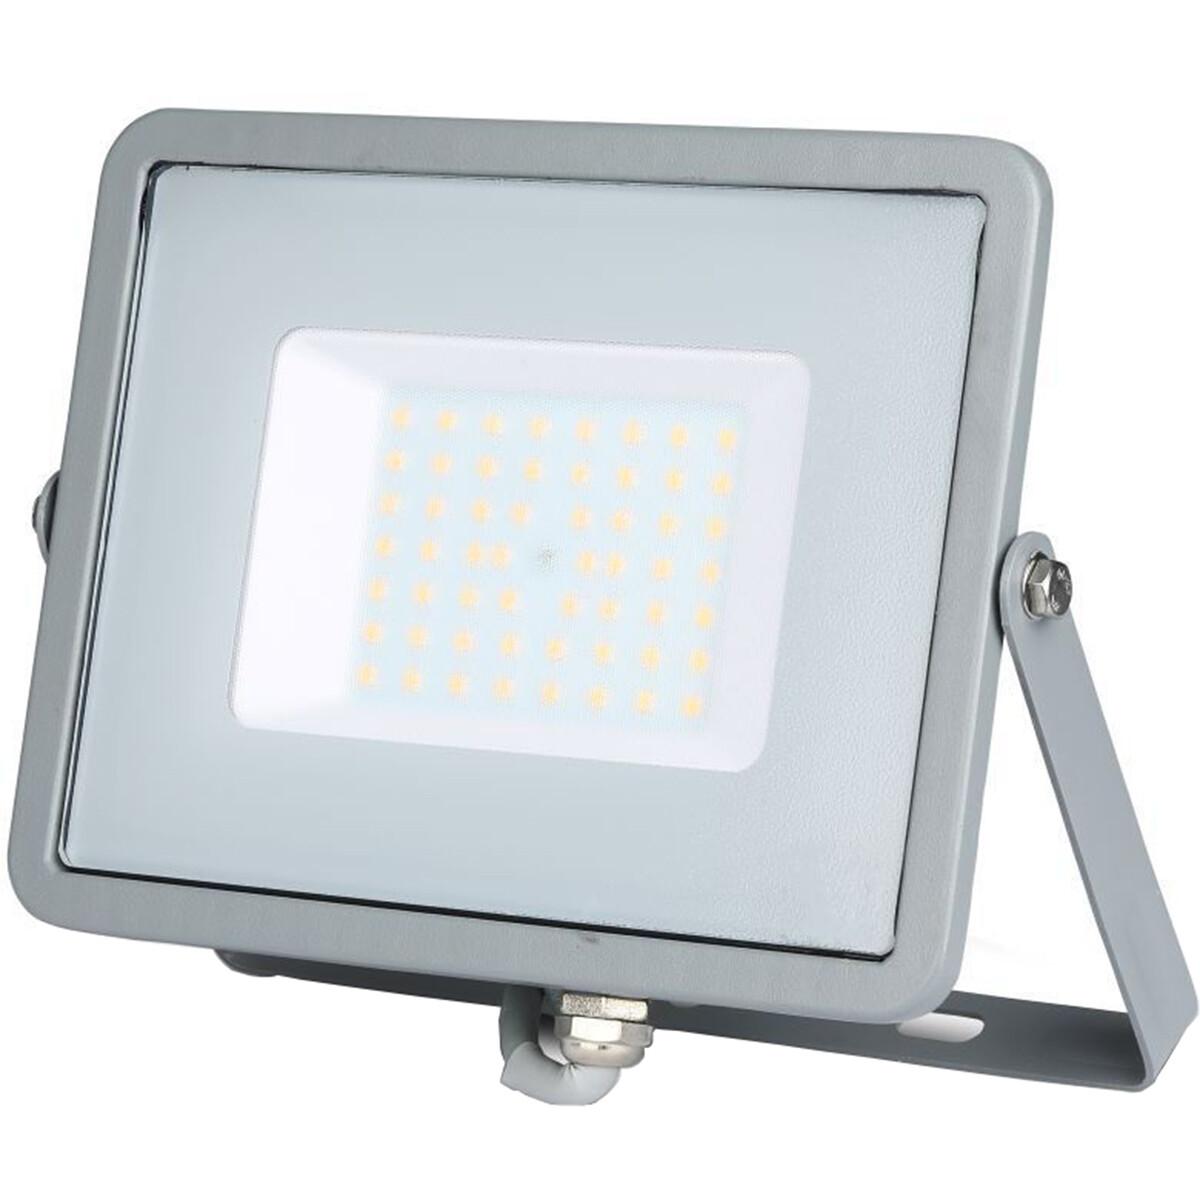 SAMSUNG - LED Bouwlamp 50 Watt - LED Schijnwerper - Viron Dana - Warm Wit 3000K - Mat Grijs - Alumin